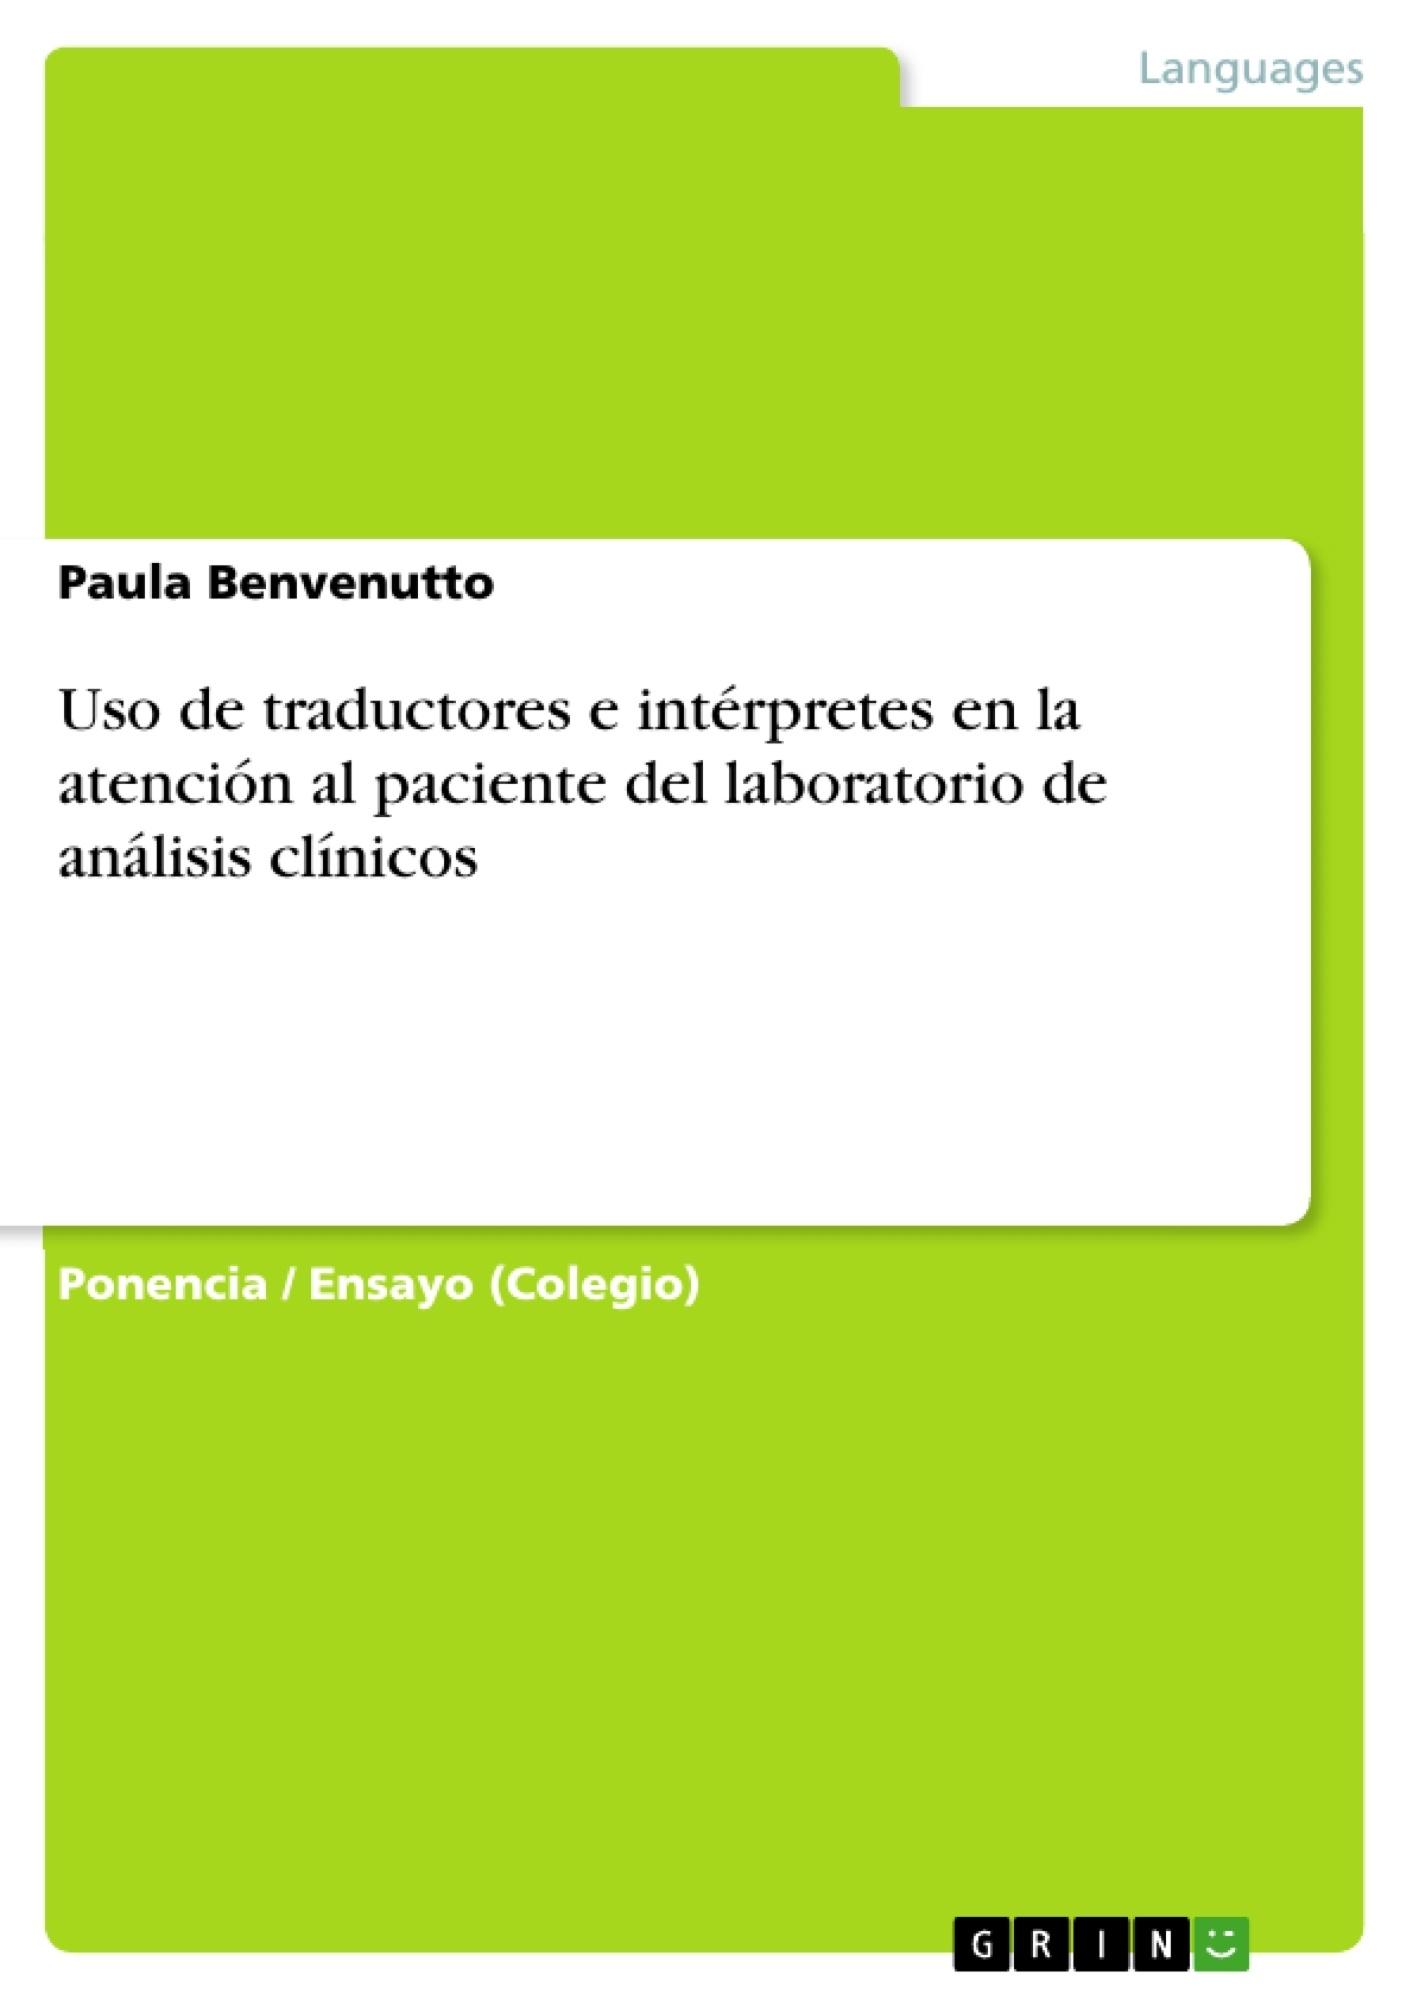 Título: Uso de traductores e intérpretes en la atención al paciente del laboratorio de análisis clínicos